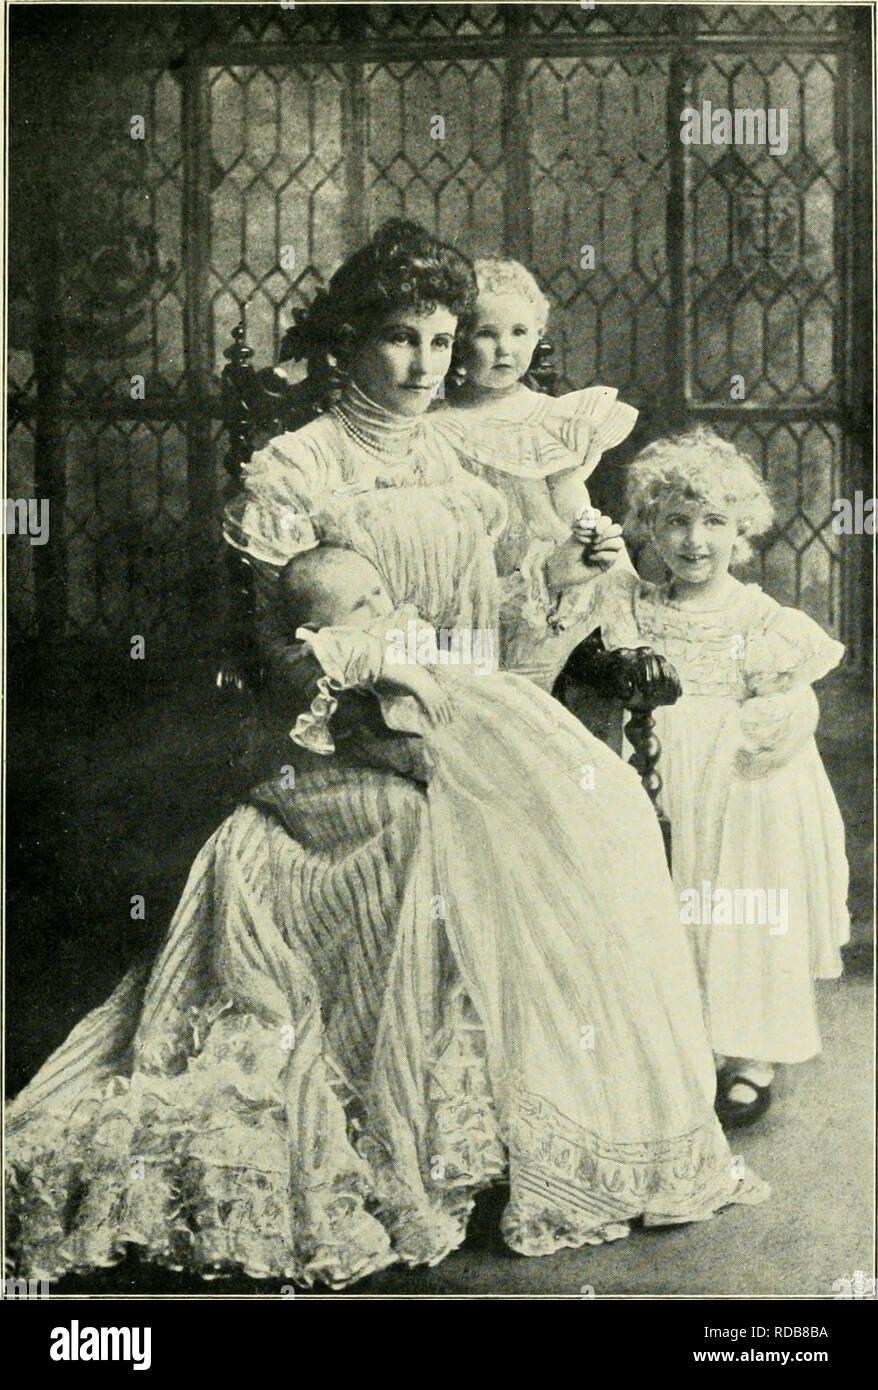 Frances Somerset, Duchess of Beaufort